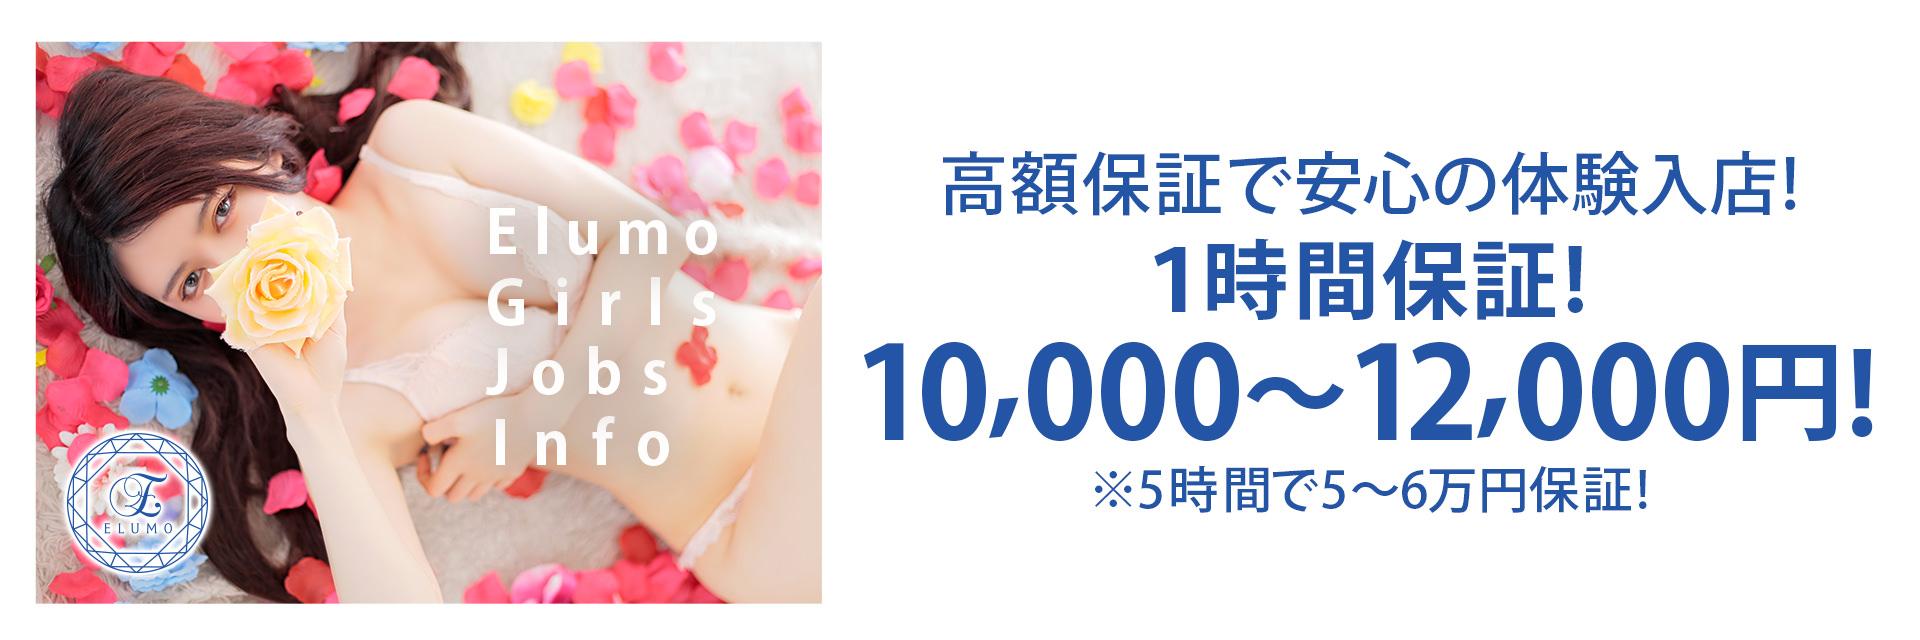 中洲風俗ソープランド エルモ - ELUMO - 高額保証で安心の体験入店